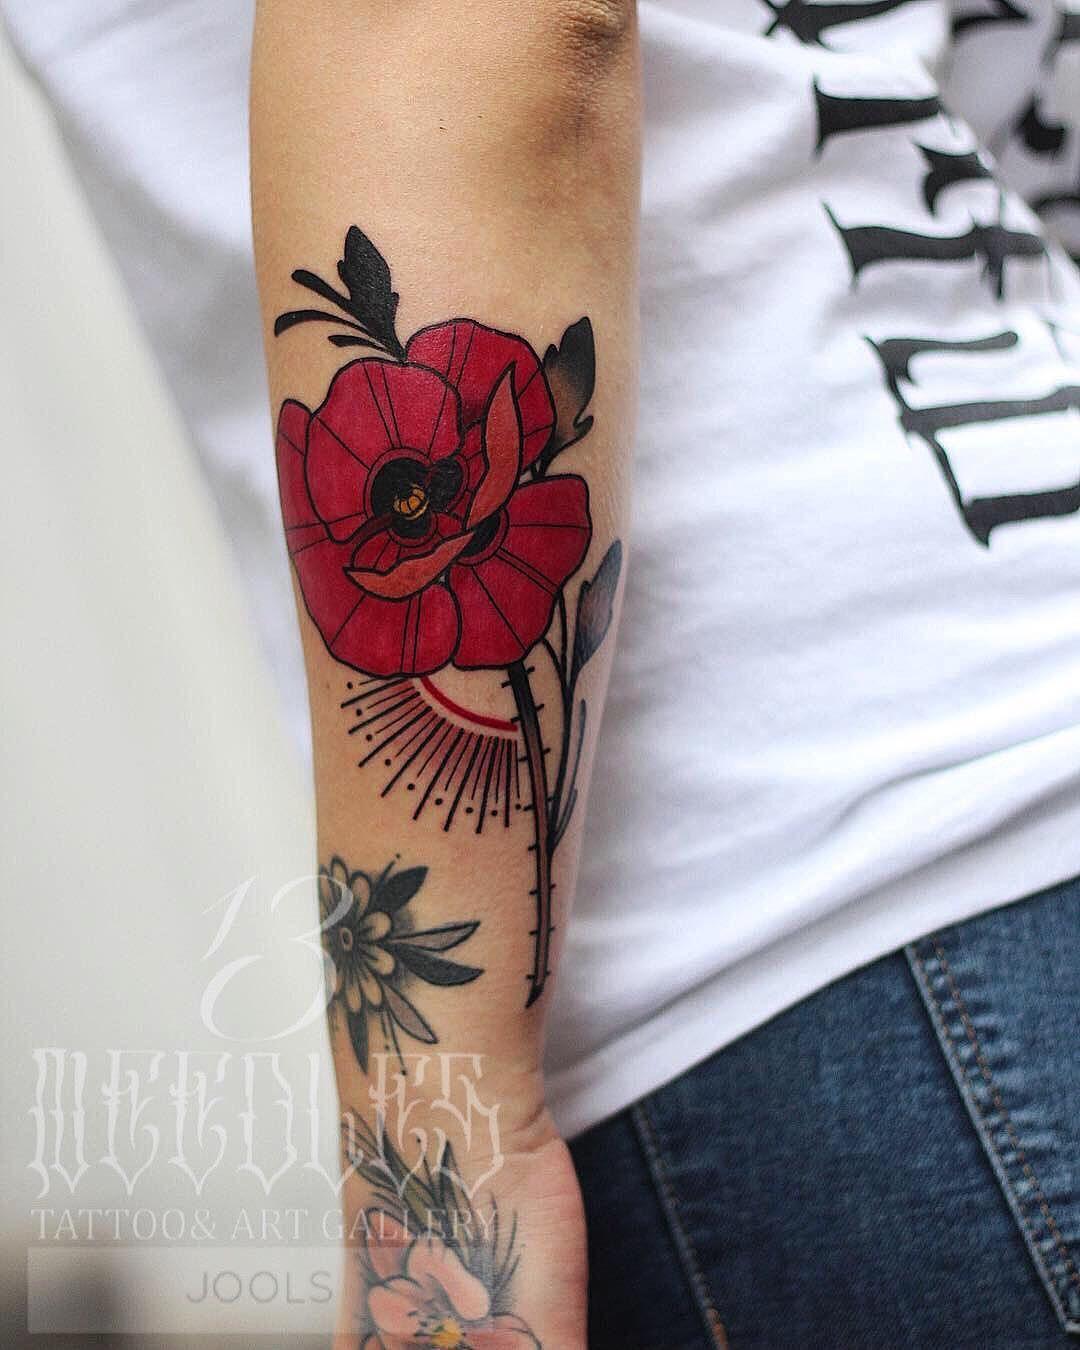 By Jools Jools13 Tattooart Poppy Poppytattoo Custom Wannado Mohn M Traditional Poppy Tattoo Traditional Style Tattoo Traditional Tattoo Flowers